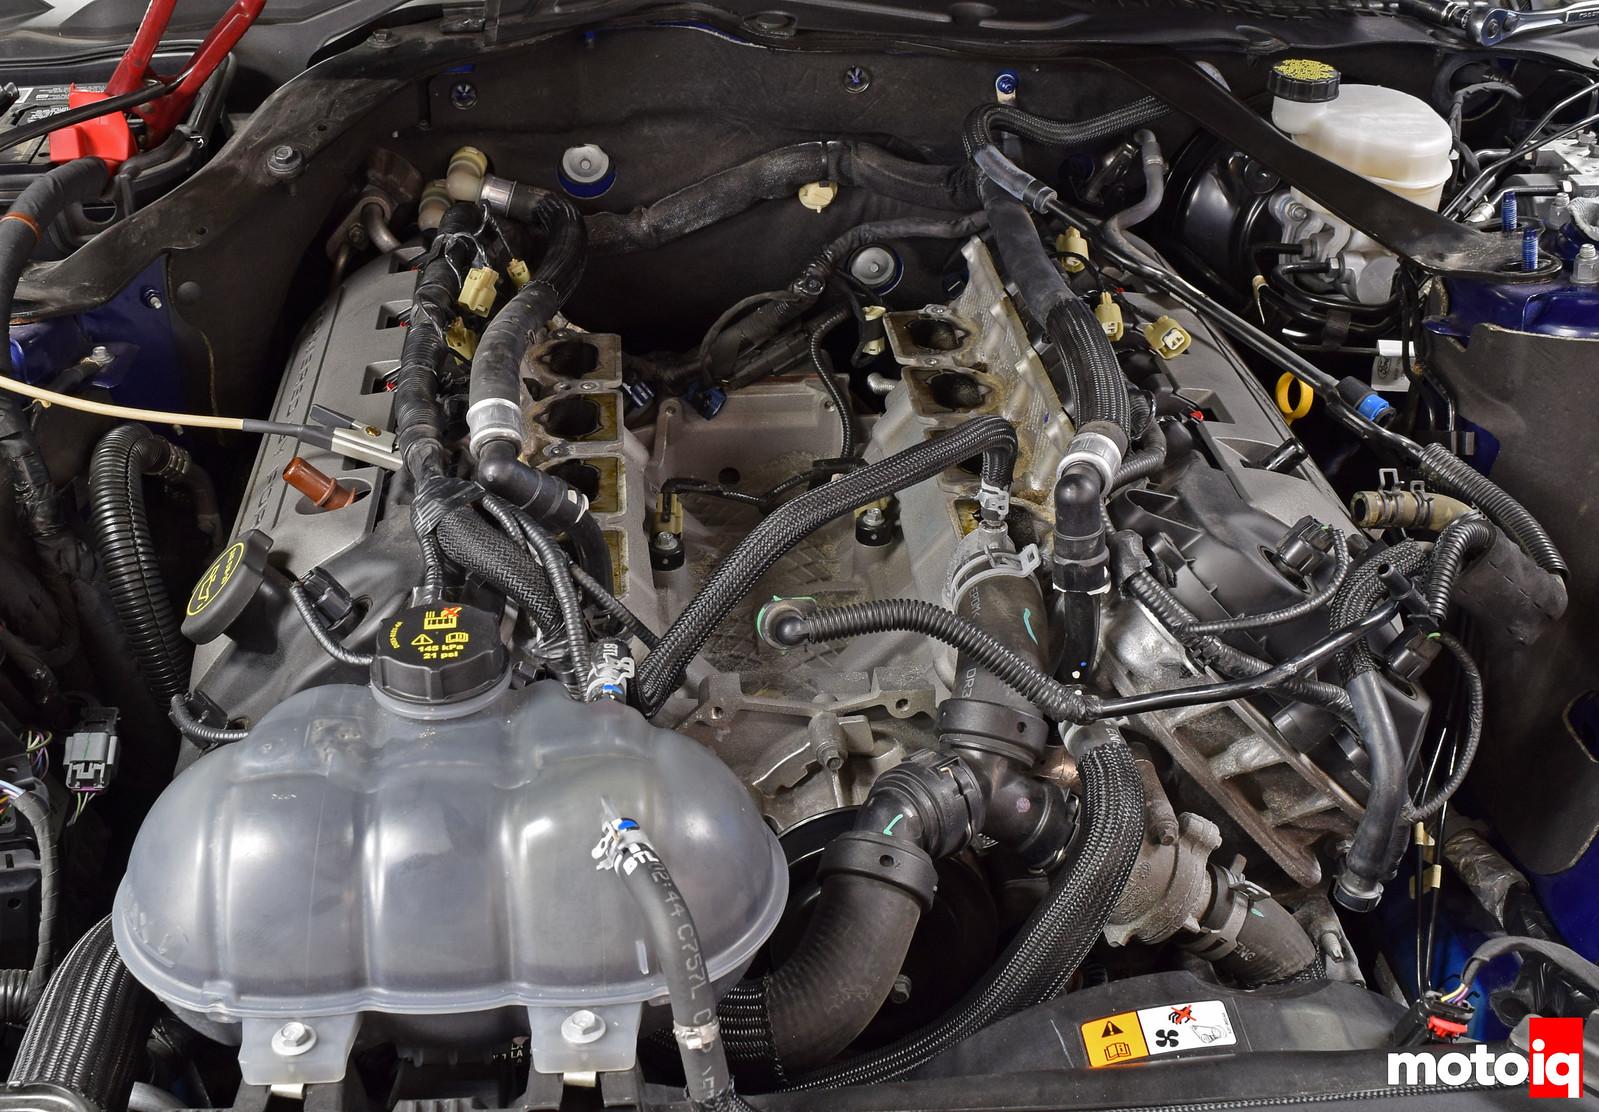 Mustang GT no intake manifold